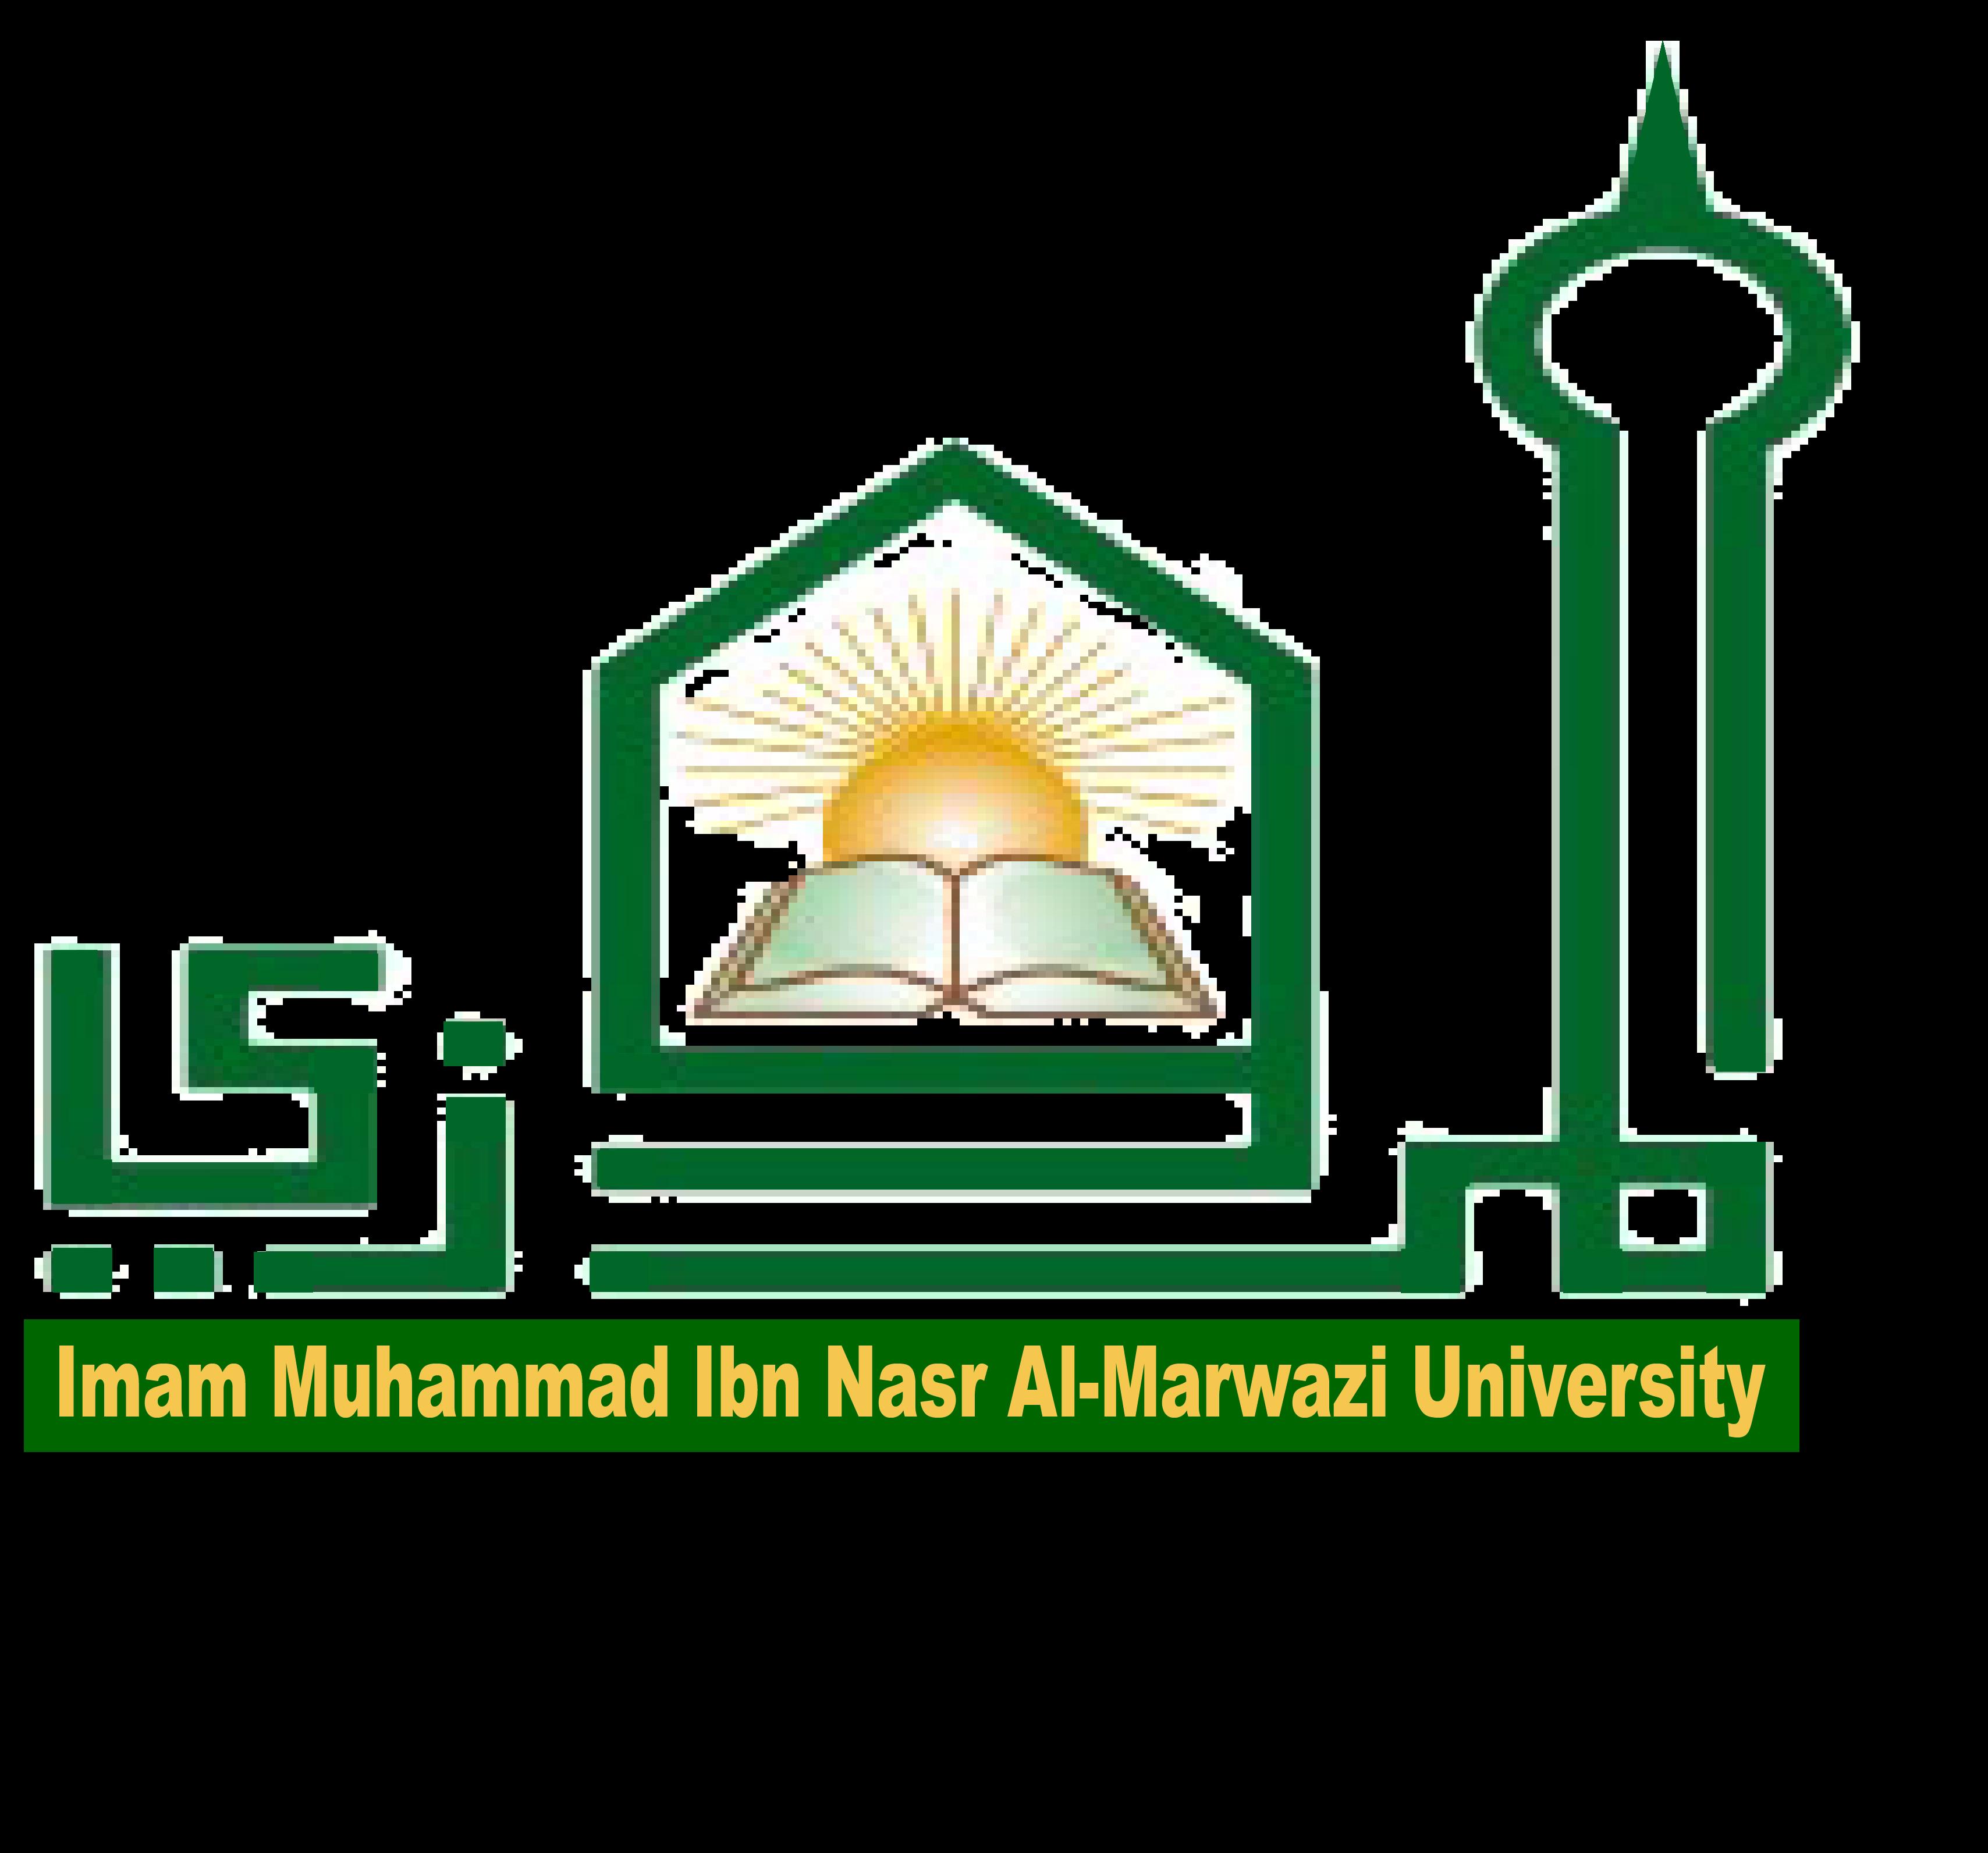 جامعة الإمام المروزي